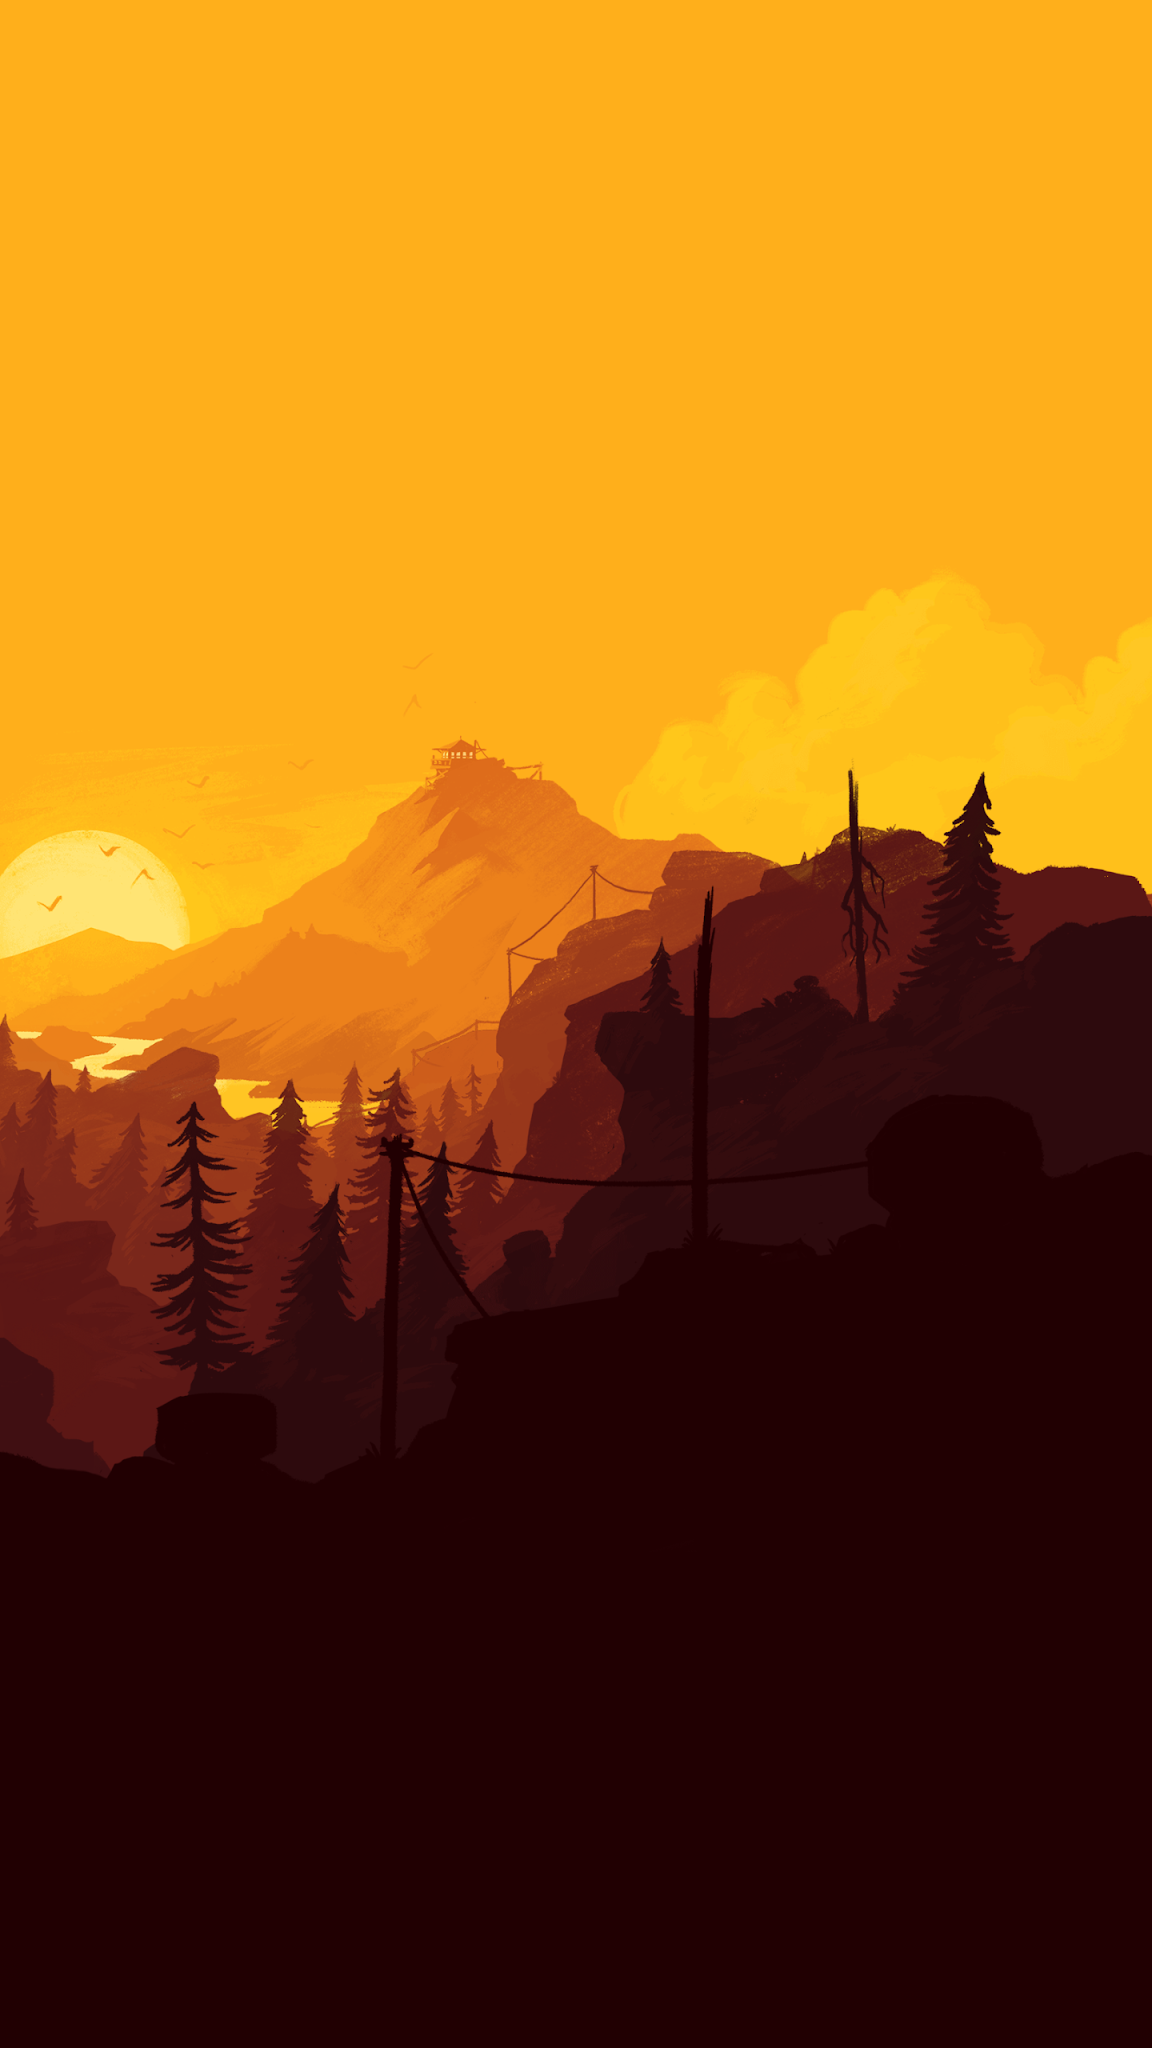 Sunset Minimalist Wallpaper